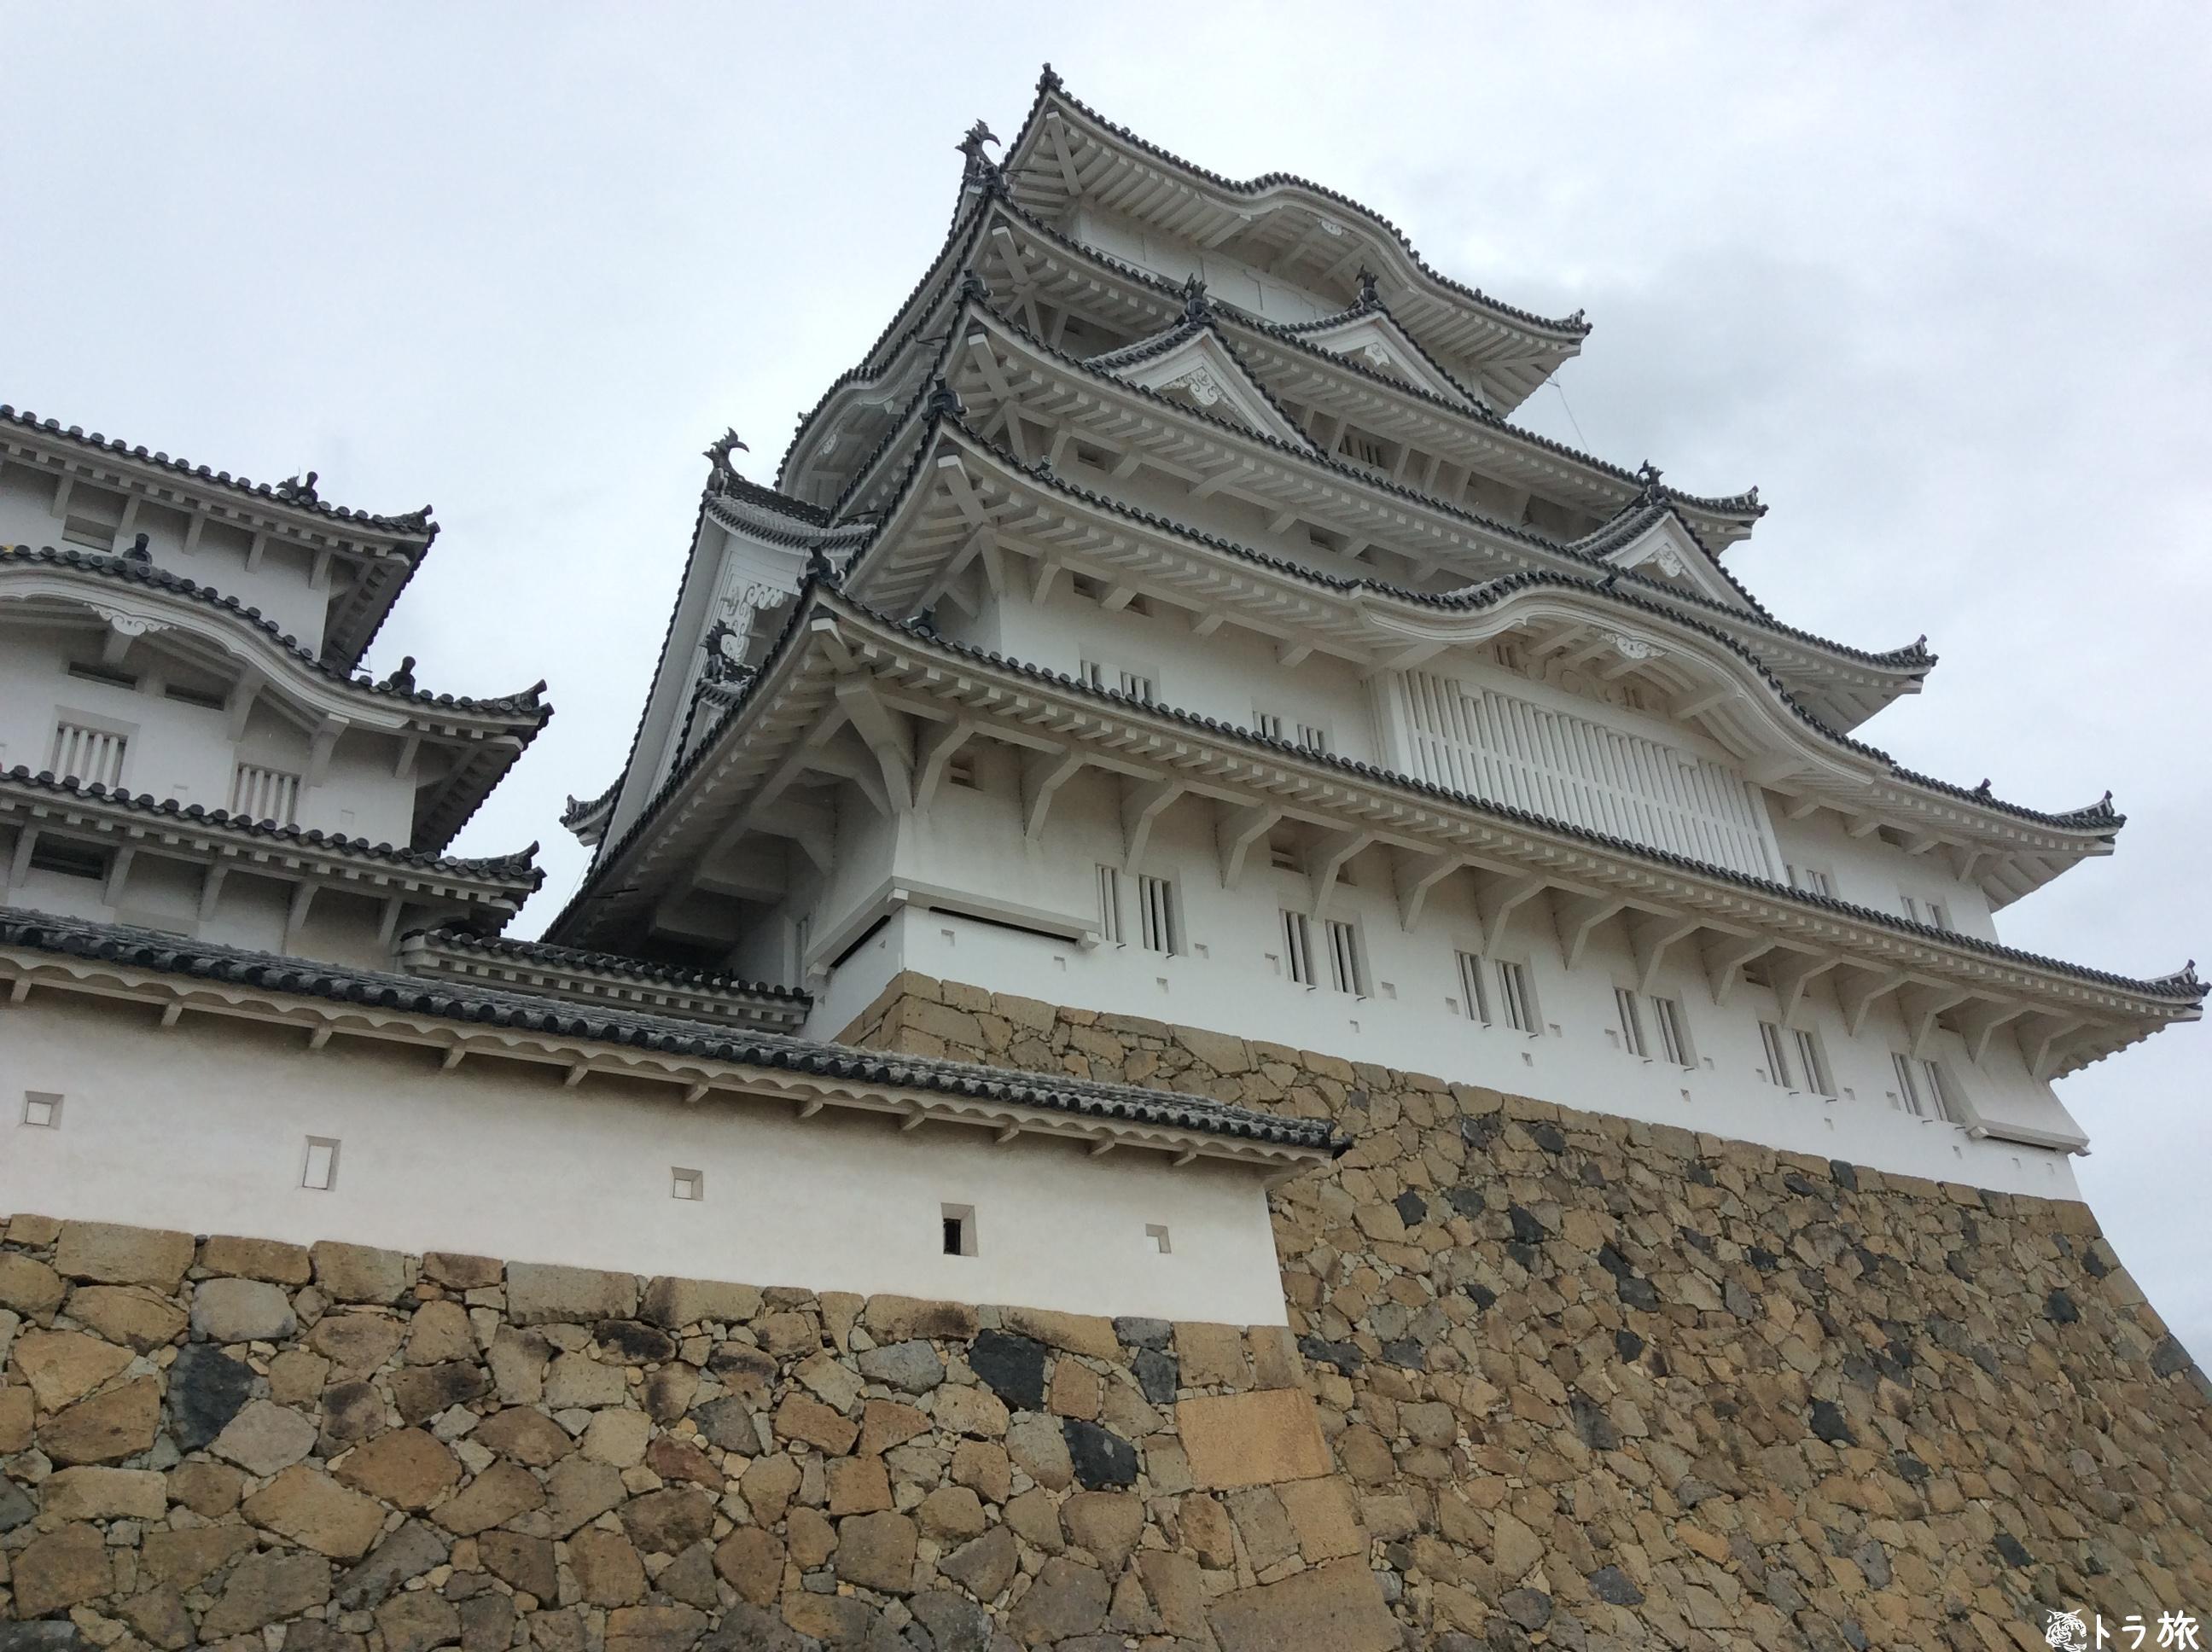 日本の世界遺産をどのくらい知ってる?【世界遺産検定2級チャプター2】